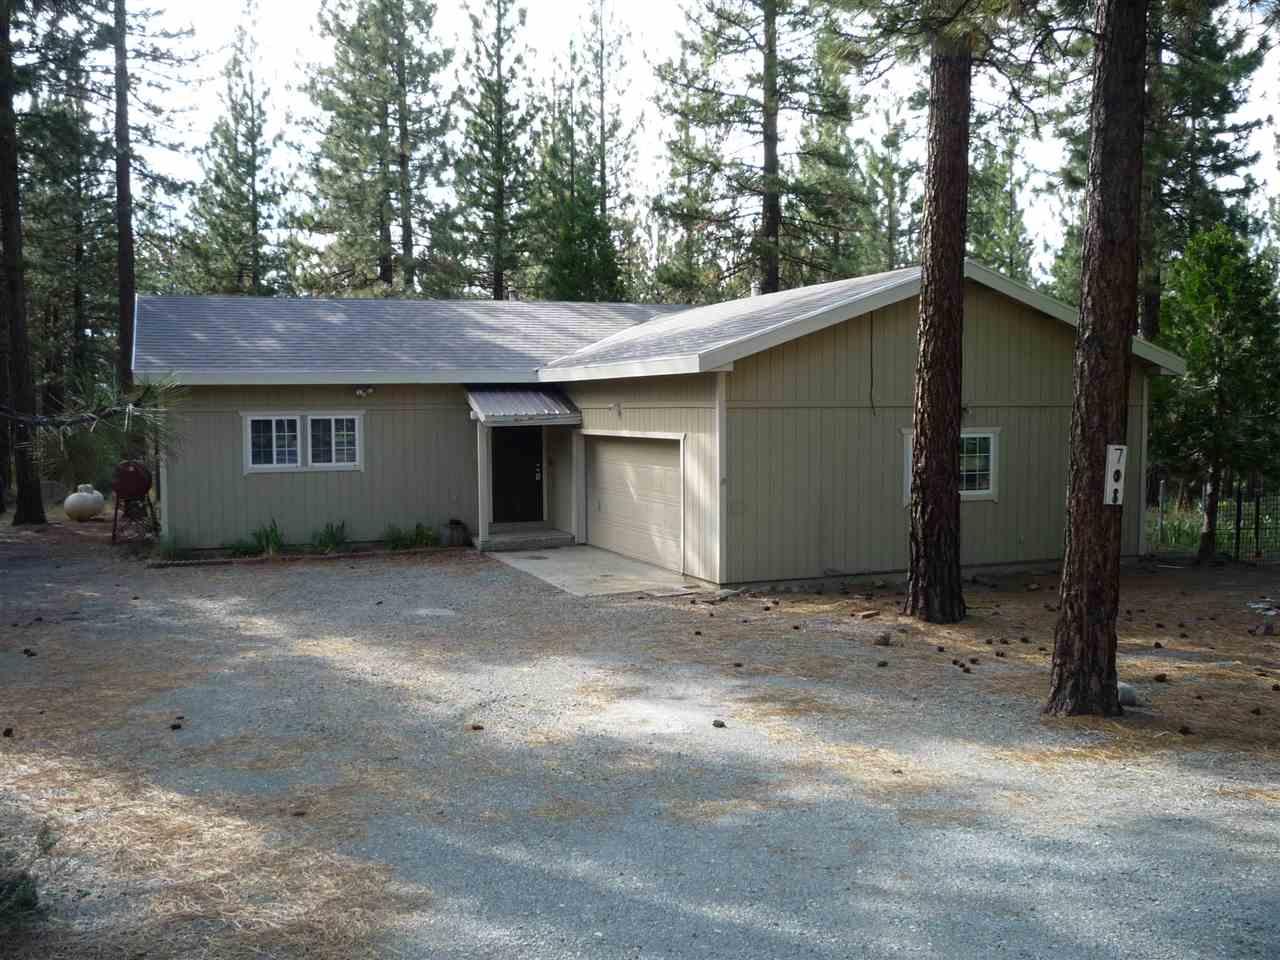 Casa Unifamiliar por un Venta en 708 Yeargin Drive 708 Yeargin Drive Portola, California 96122 Estados Unidos